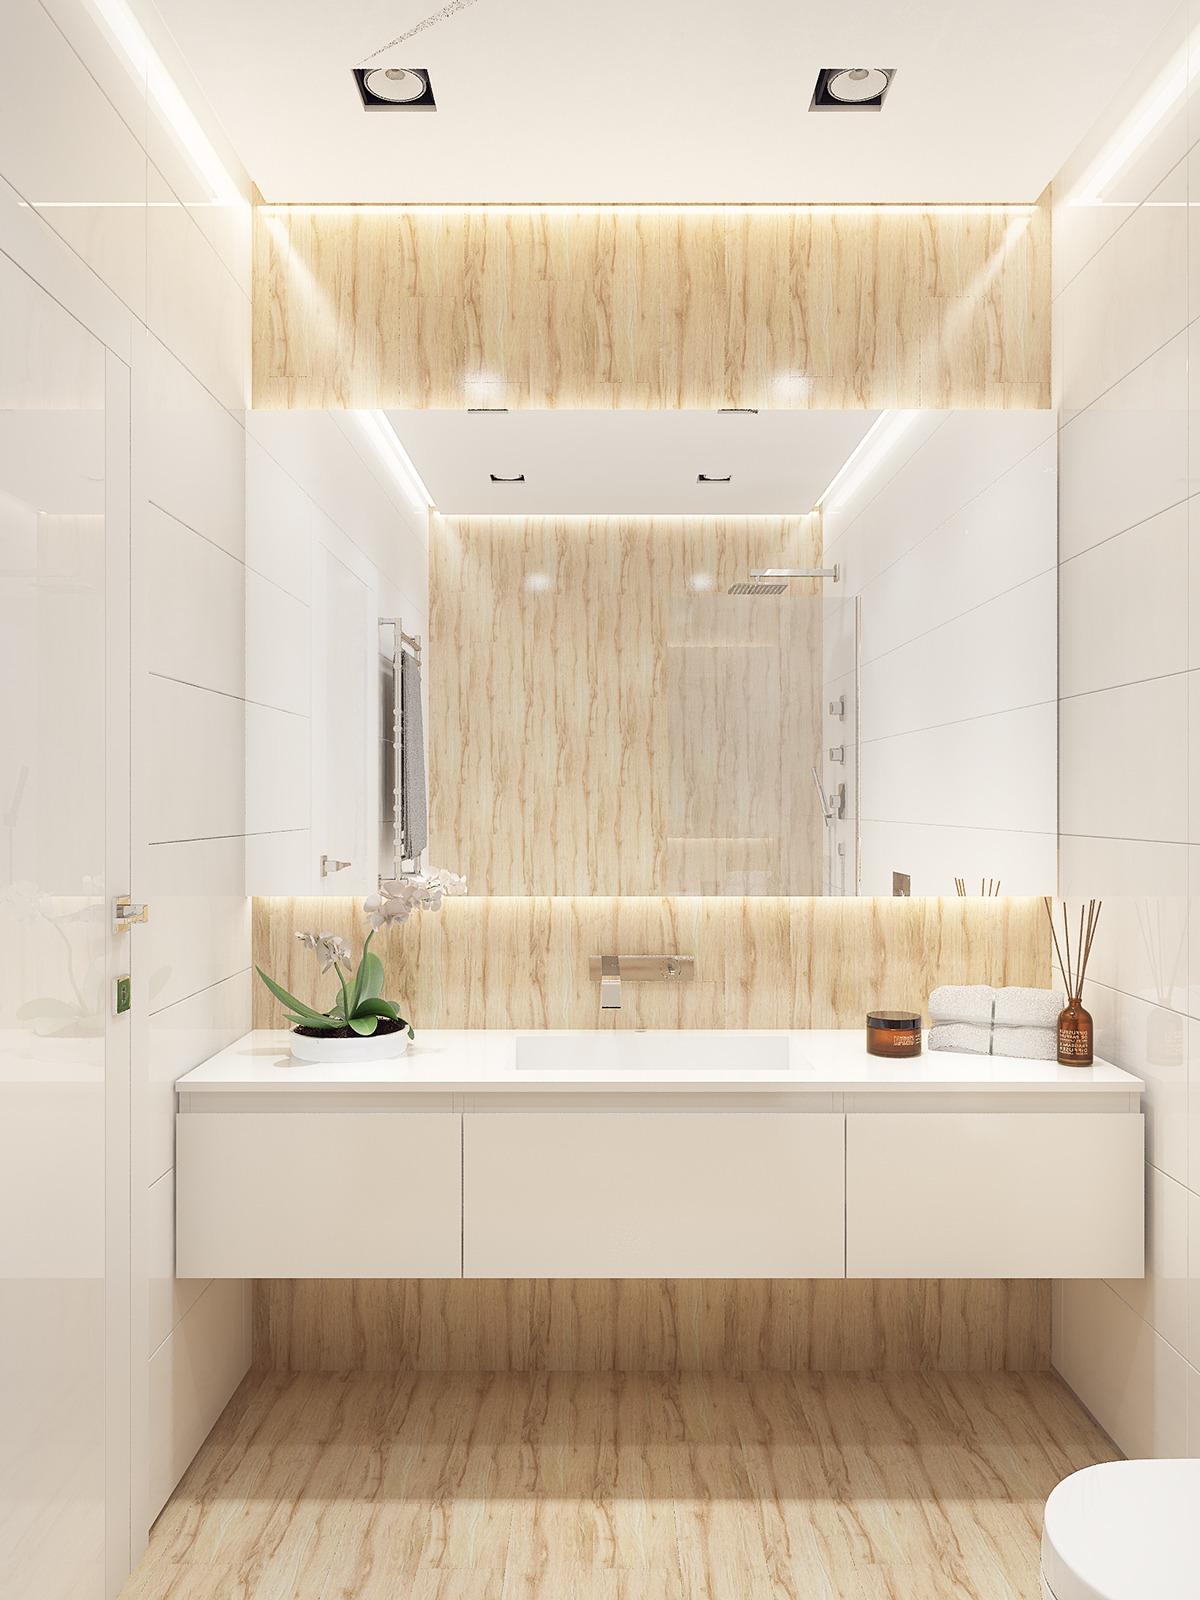 Bathroom Interior Design Pictures